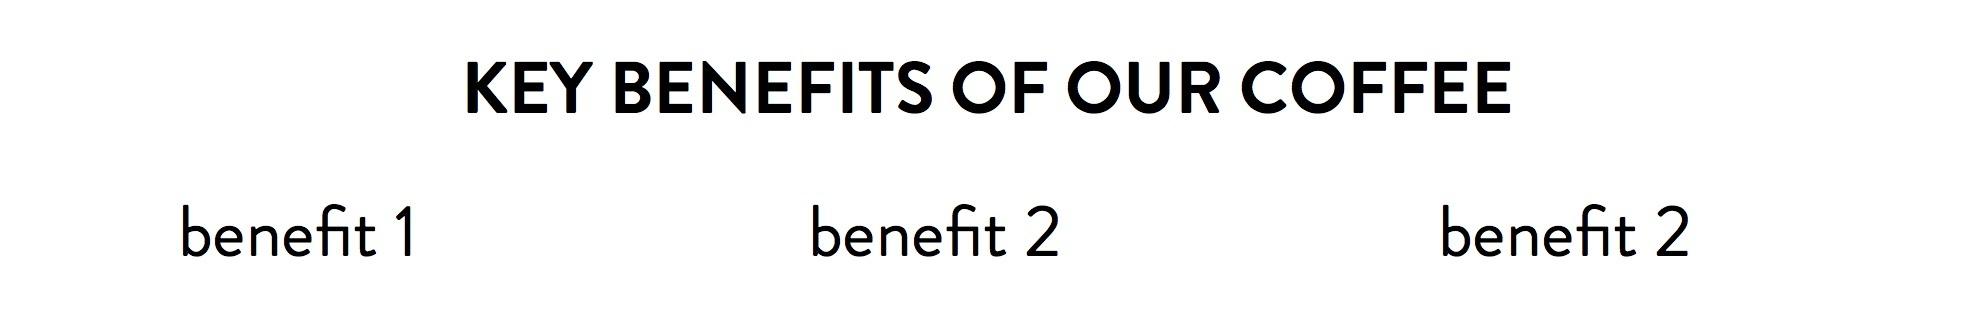 Screen%2BShot%2B2019-07-25%2Bat%2B11.45.37%2BAM.jpg